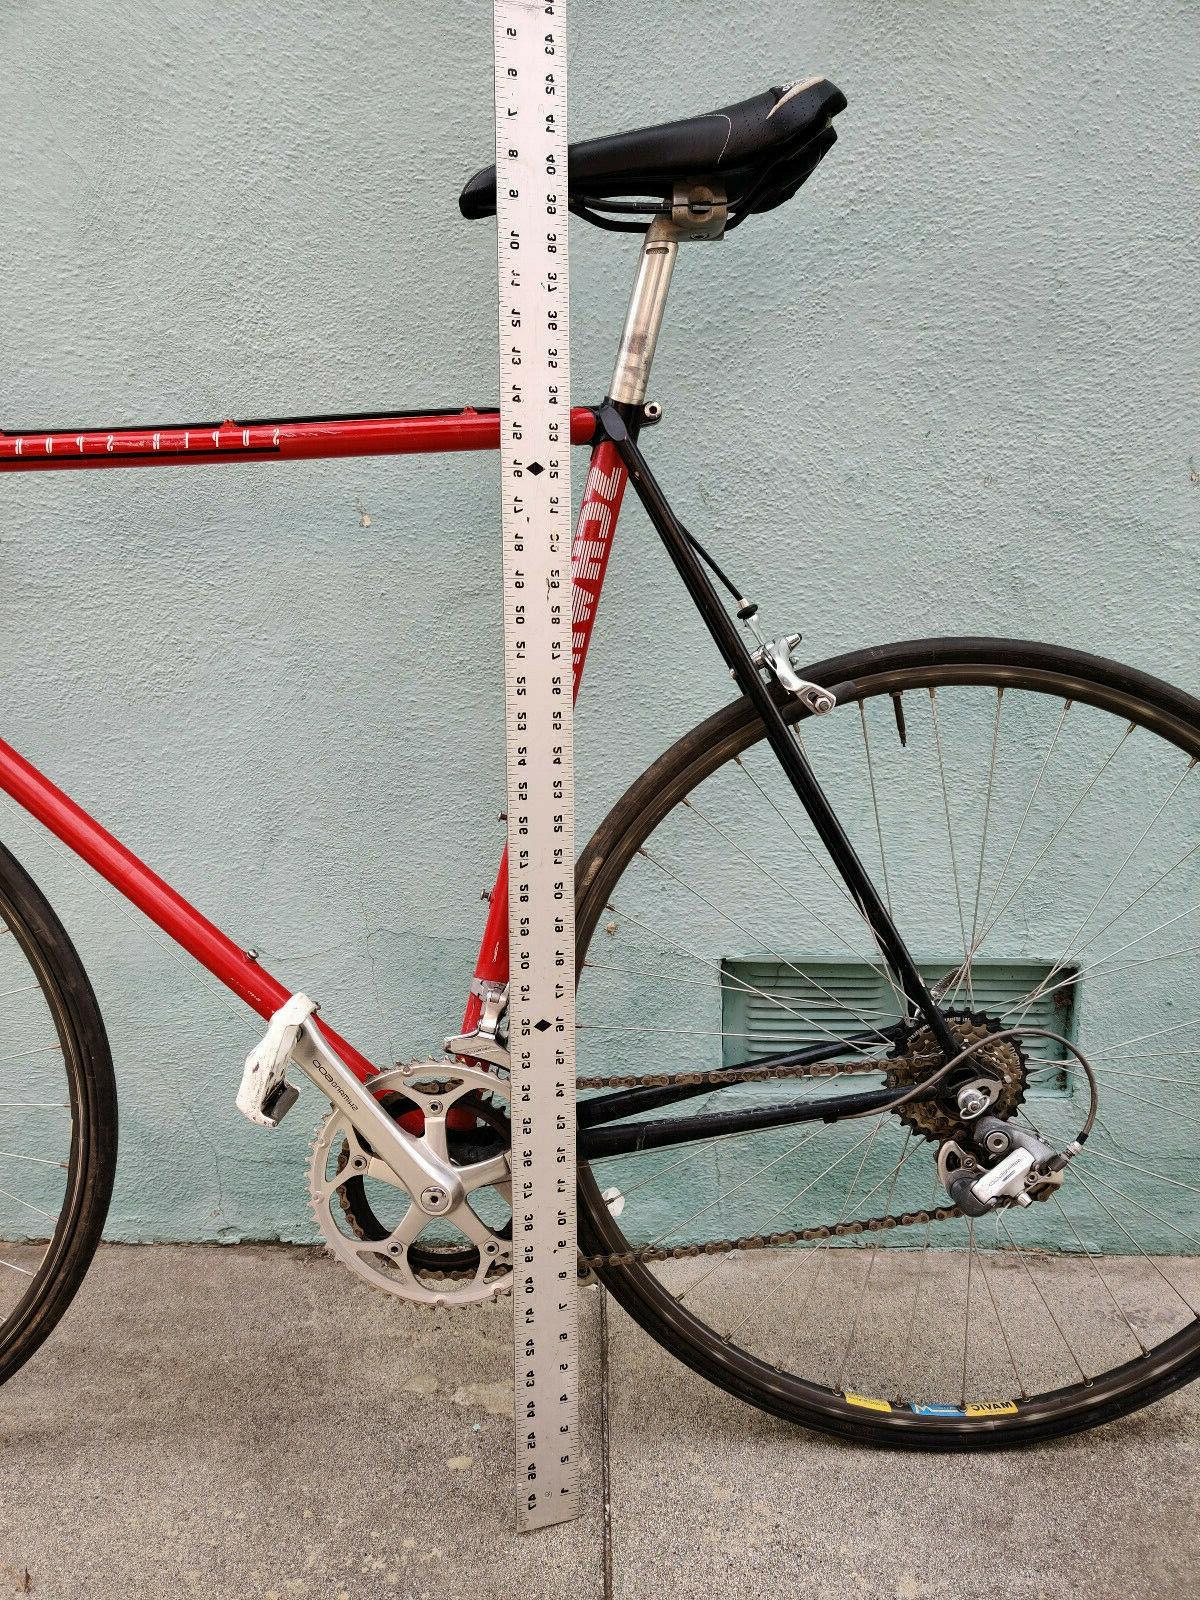 Schwinn Super Vintage Road Bicycle